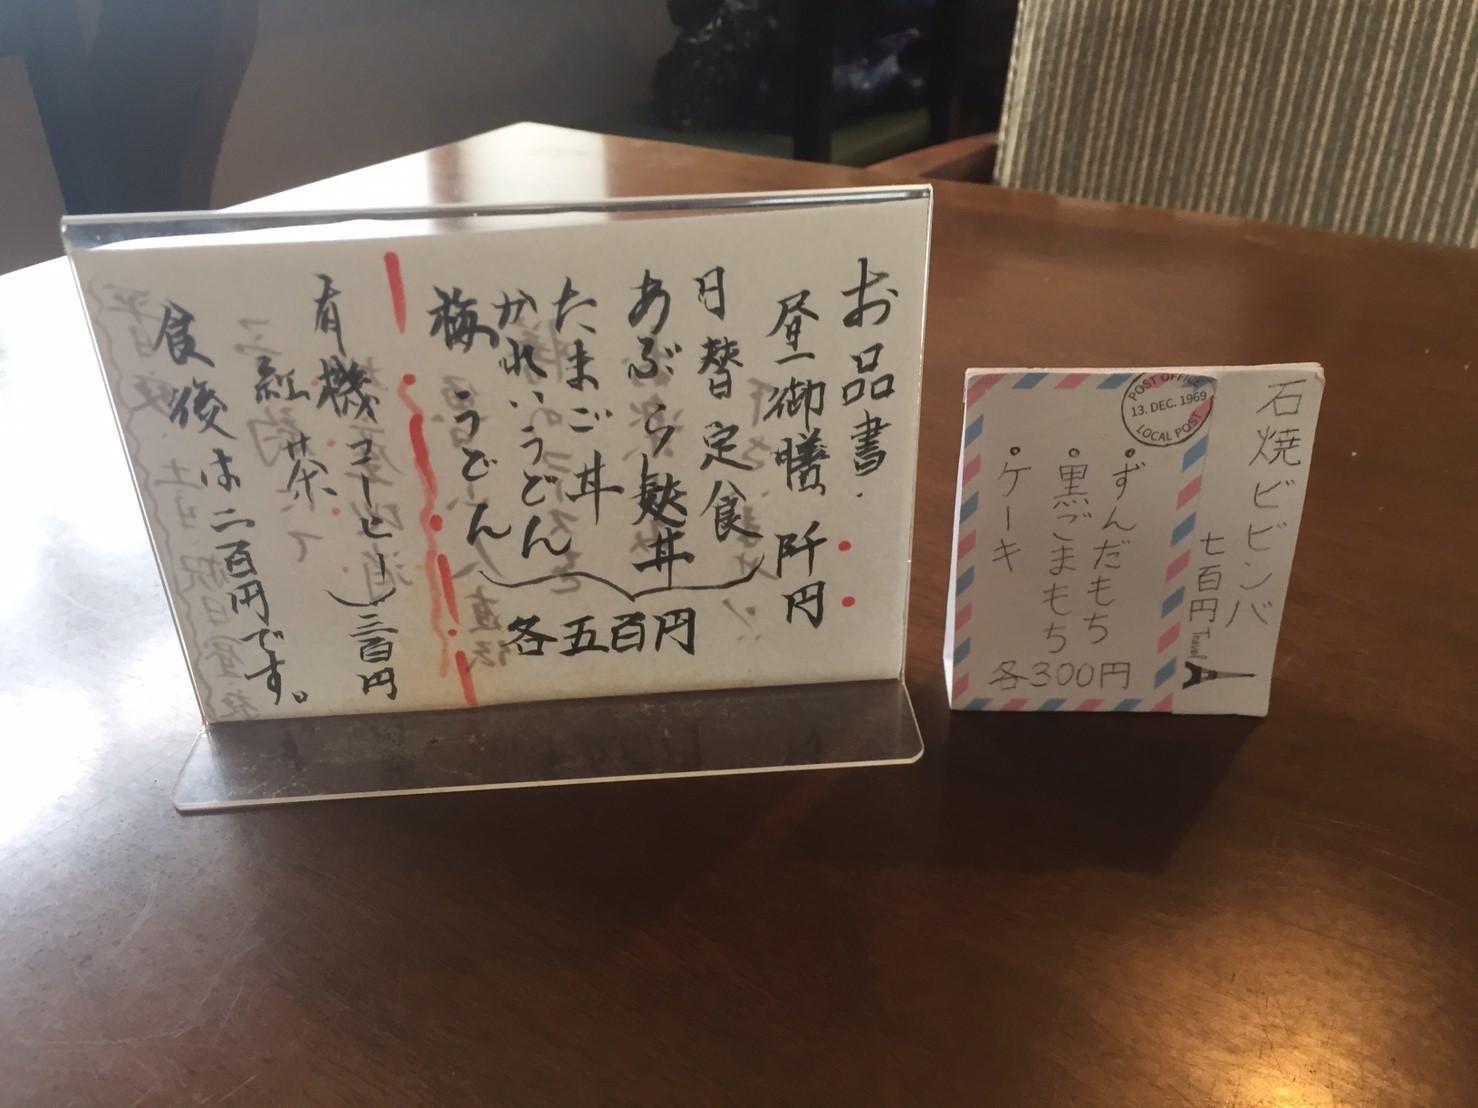 権現庵 ファイナル_e0115904_08283769.jpg